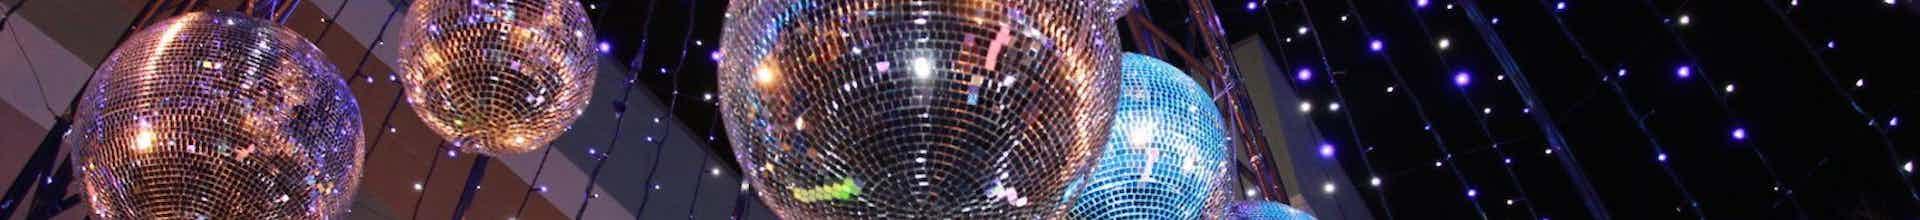 discoballen-2.jpg